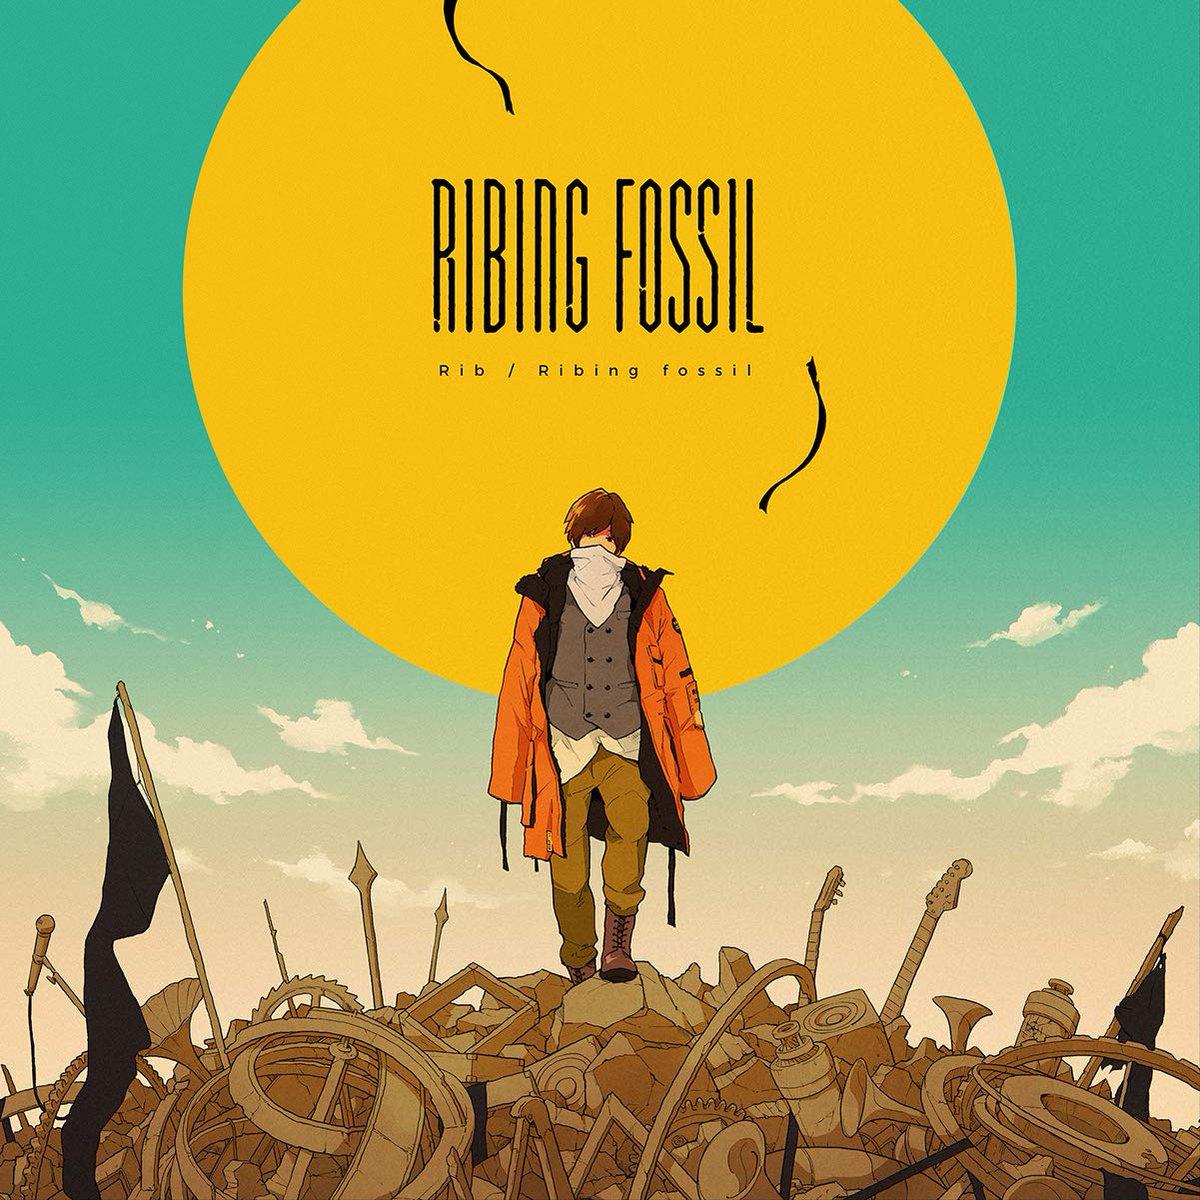 『りぶ - はぐれうた』収録の『Ribing fossil』ジャケット